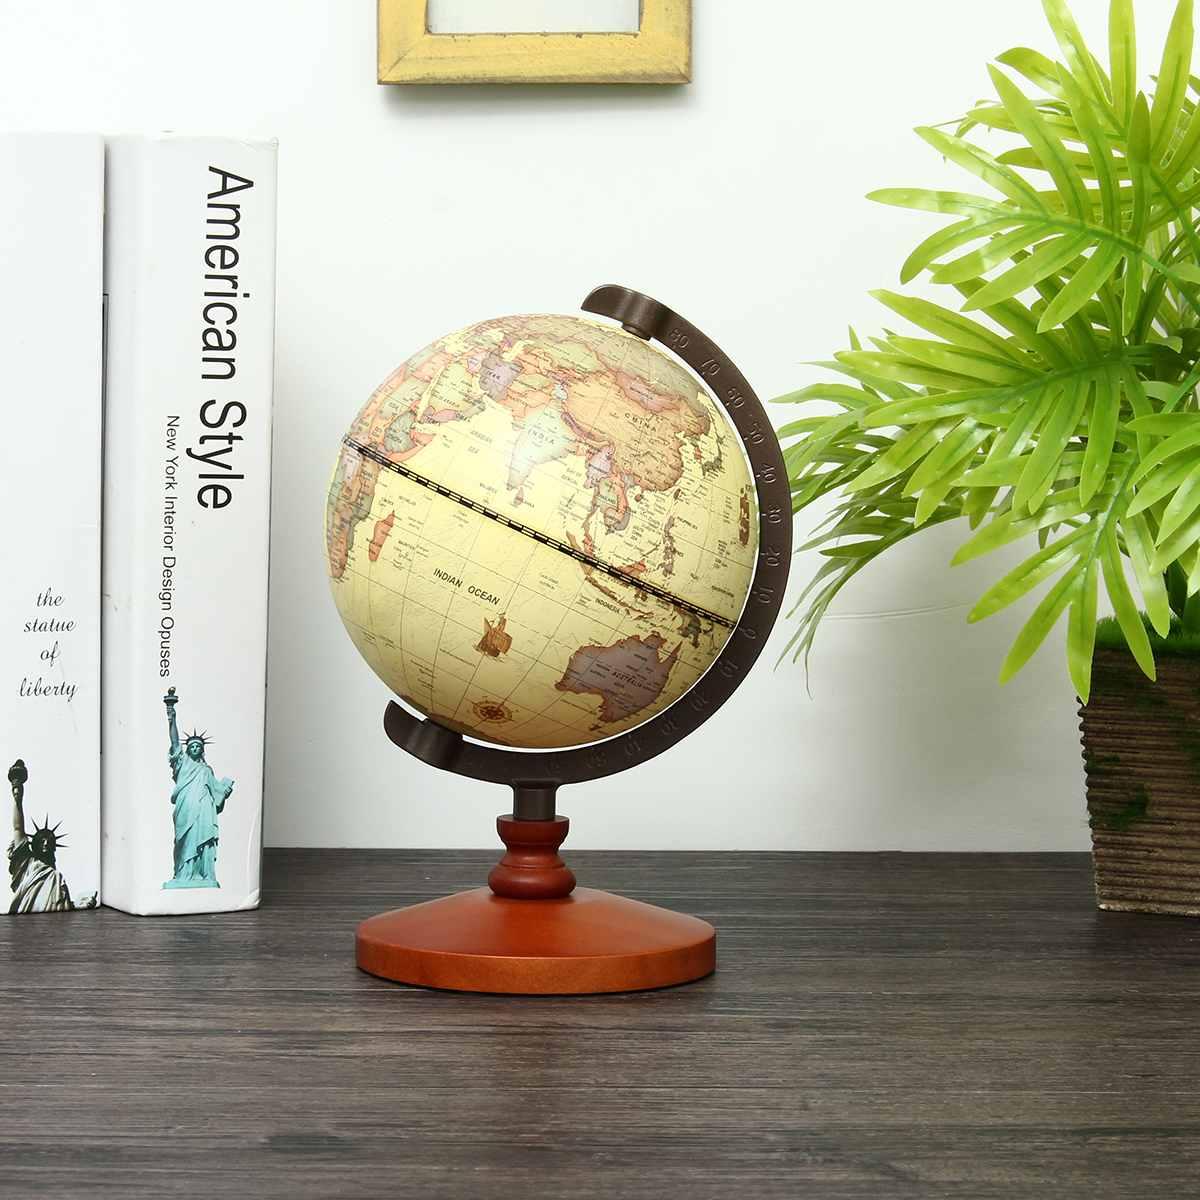 New 14cm Dia World Map Globe for Home Table Desk Decoration Ornaments Retro Home Decor|Decorative Balls| |  - title=